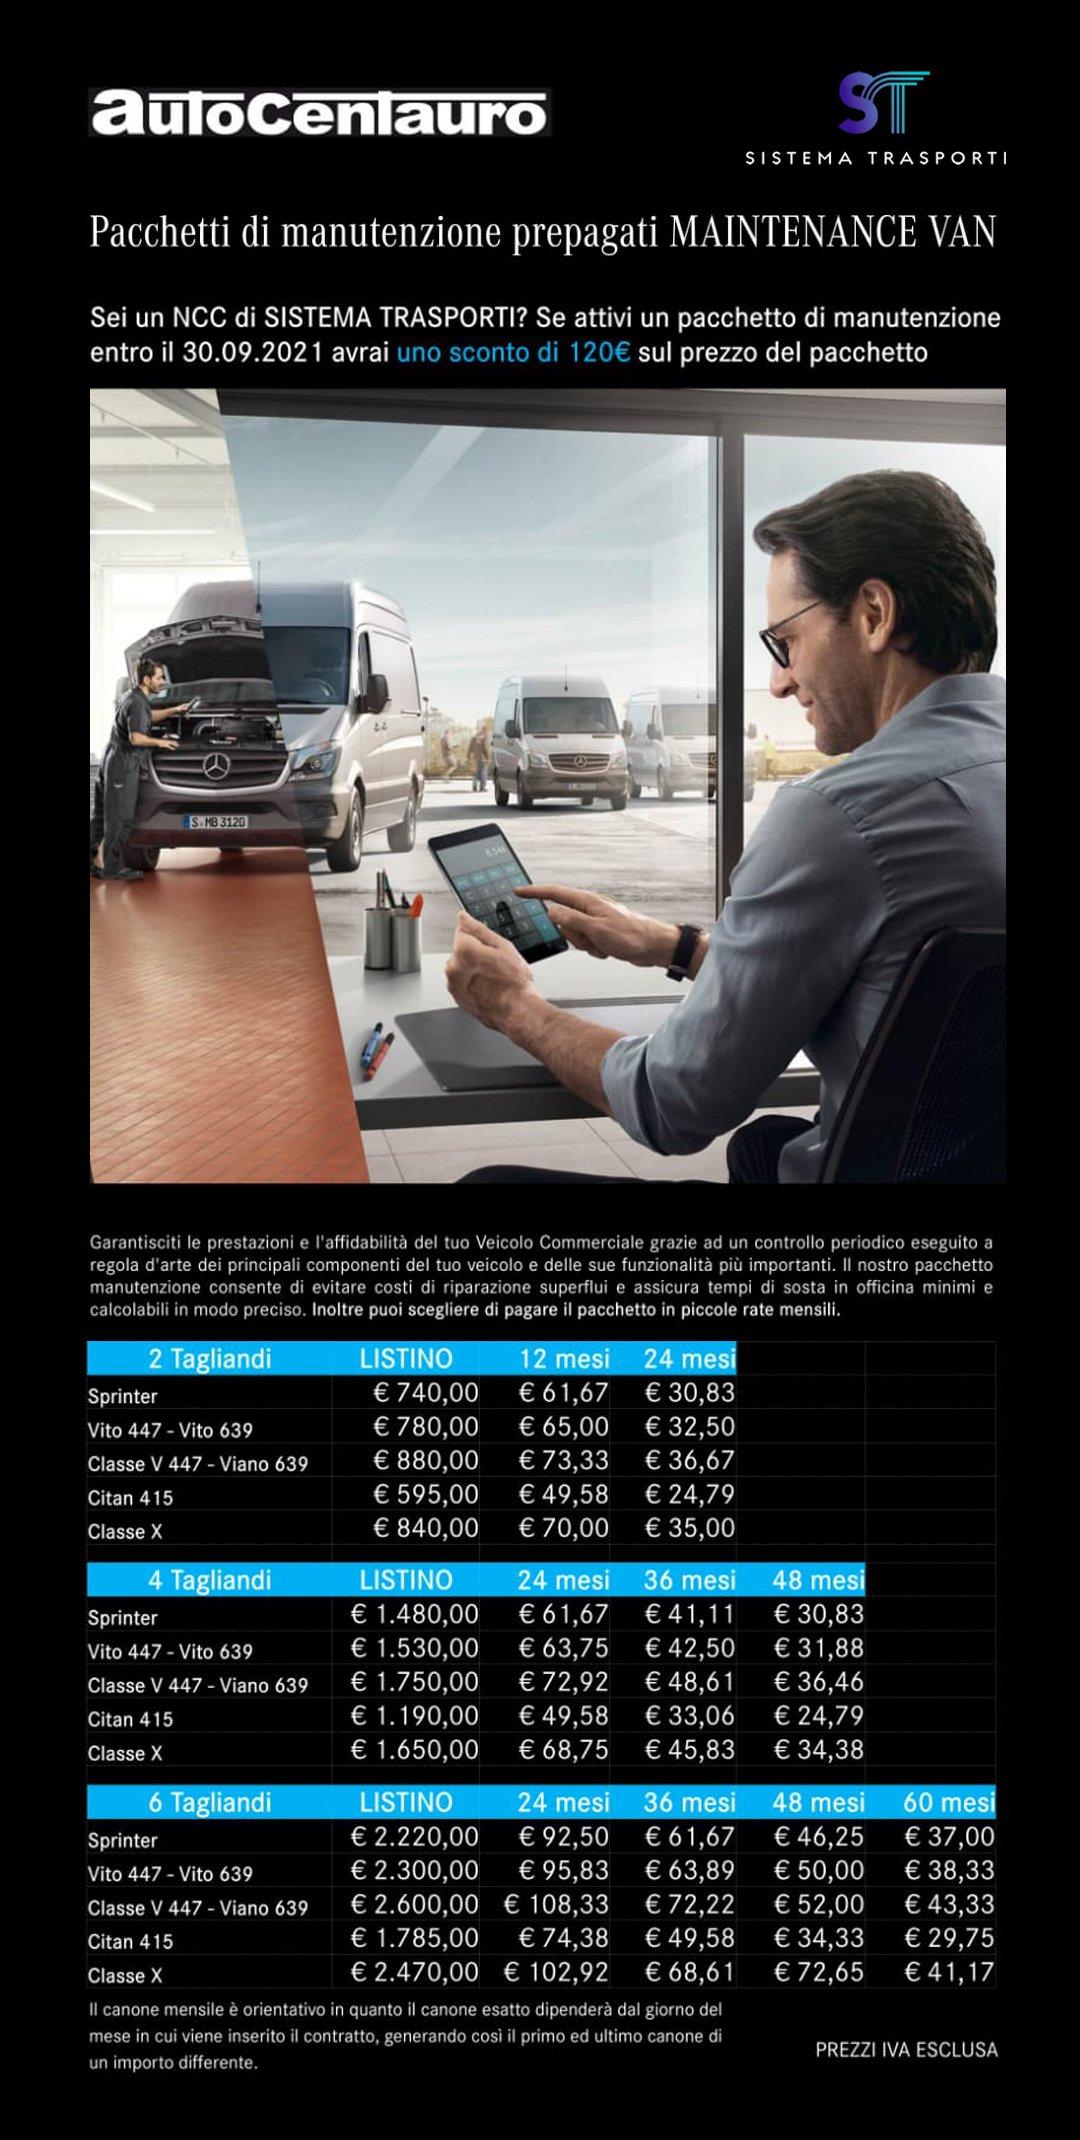 Volantino convenzione Sistema Trasporti manutenzione Autoentauro Mercedes